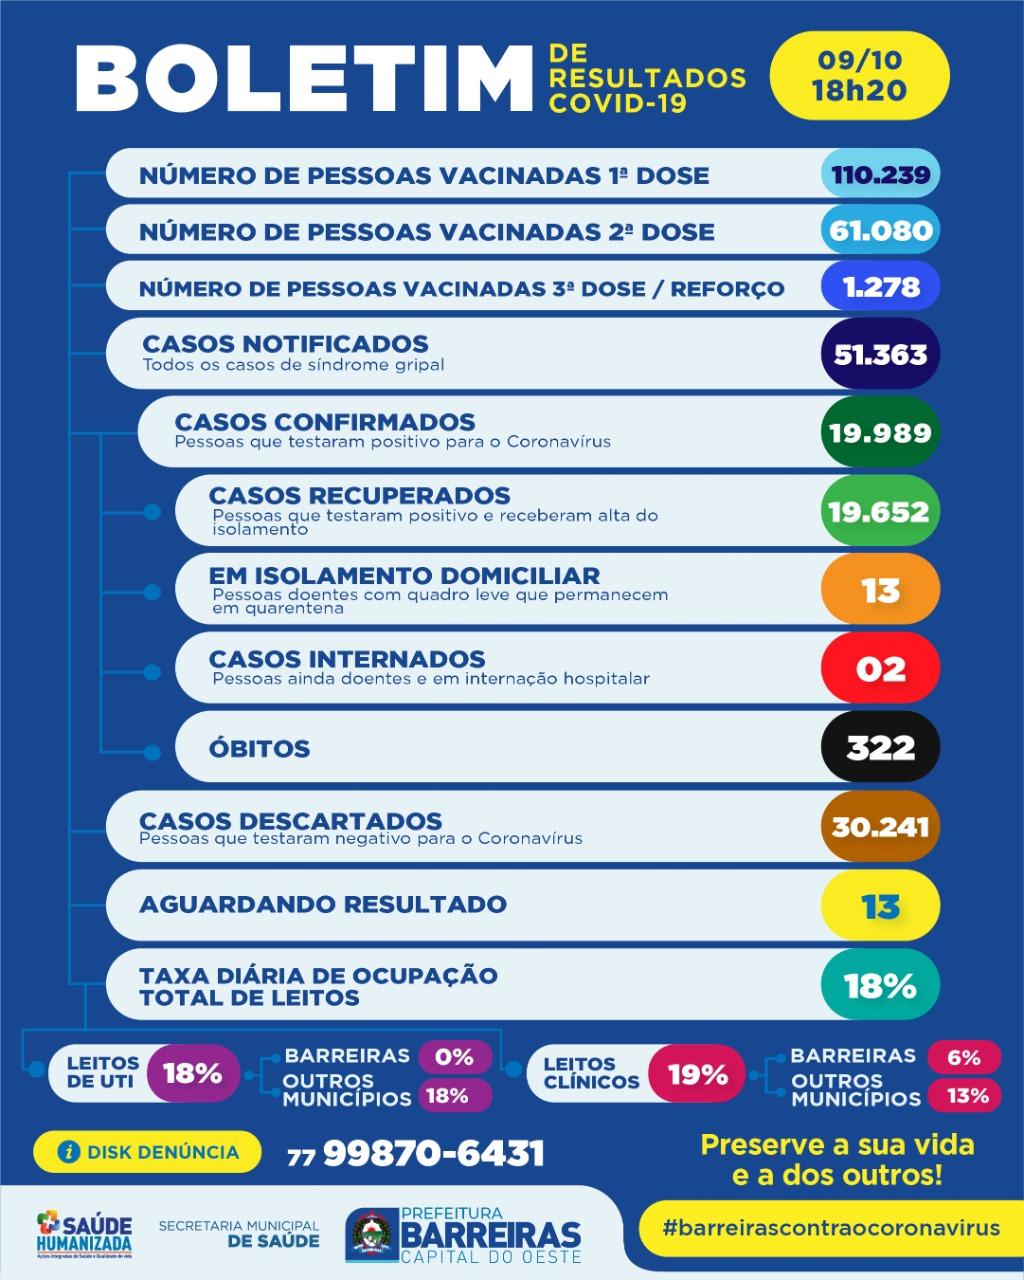 Covid-19 em Barreiras: Veja os números do boletim deste sábado, 09